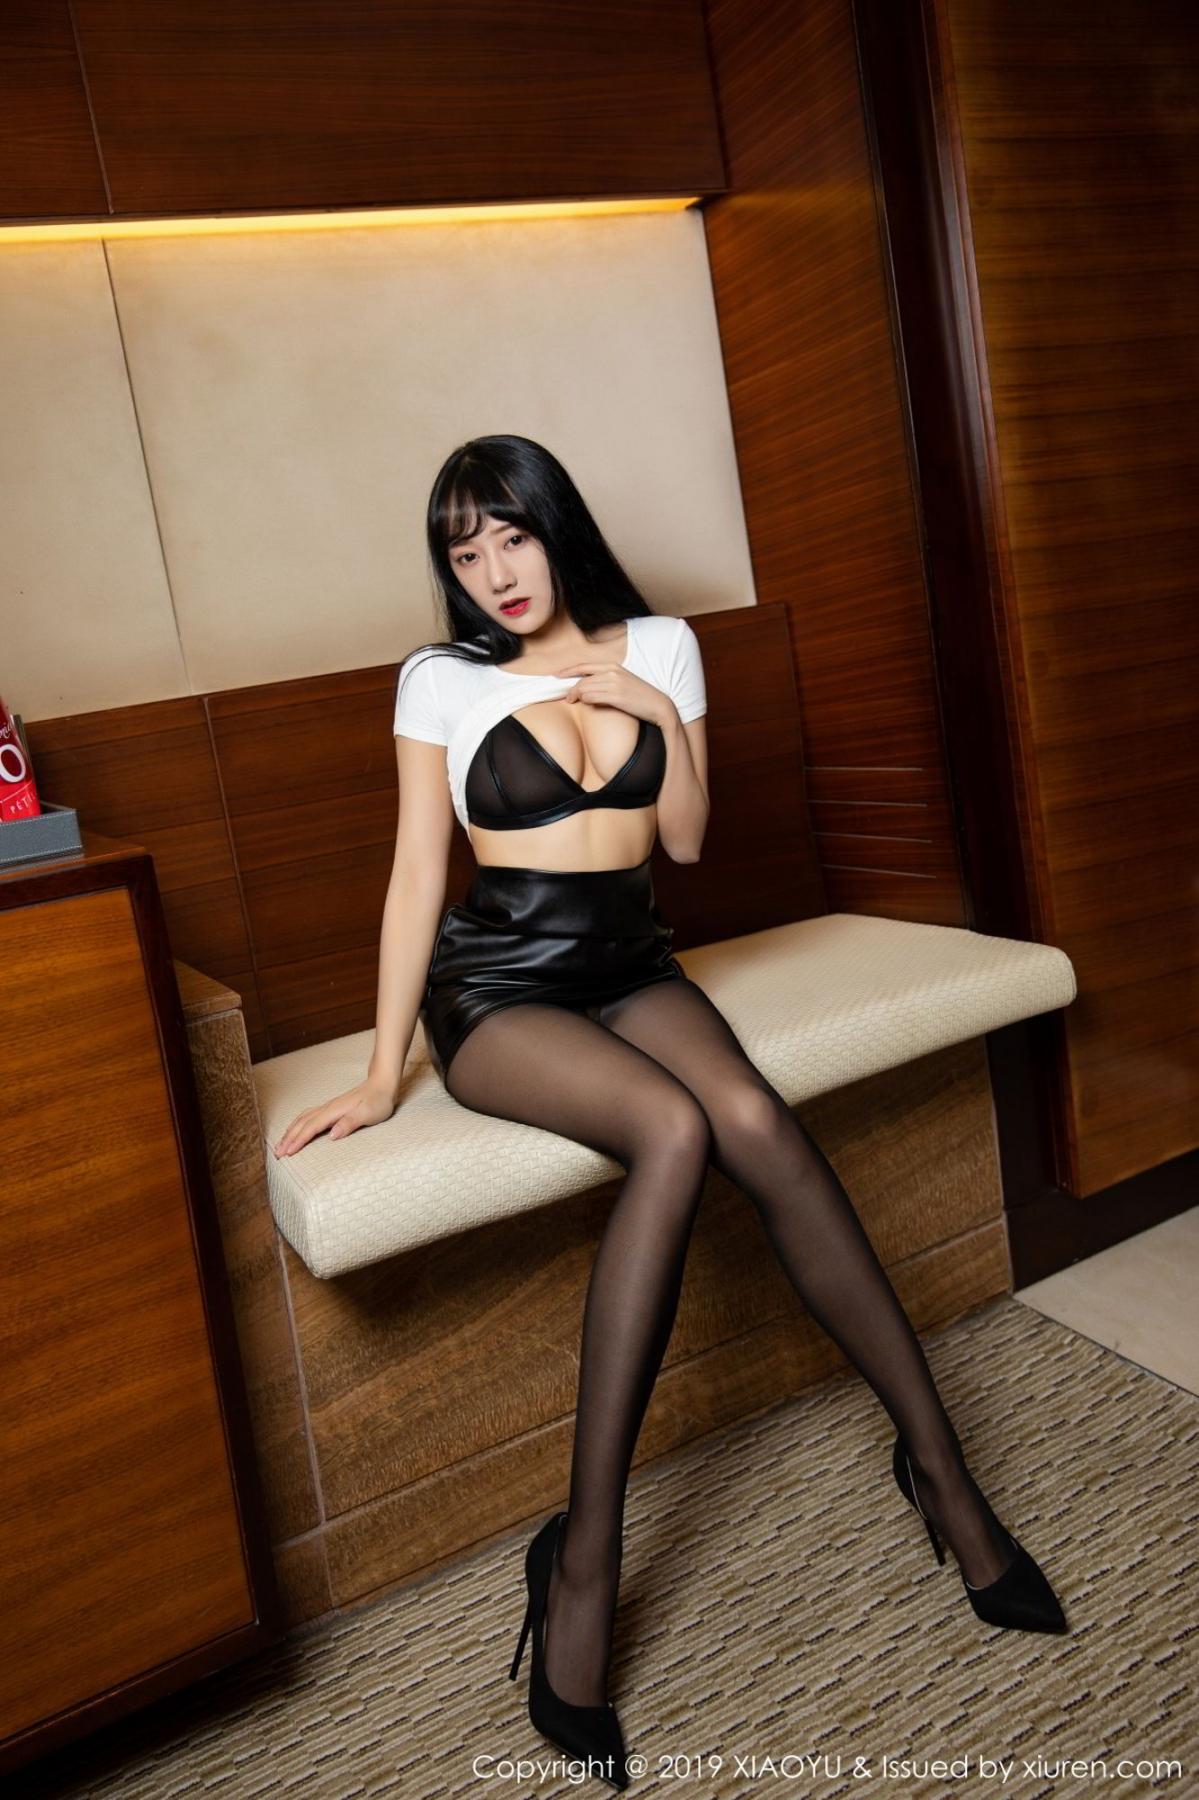 [XiaoYu] Vol.092 He Jia Ying 15P, Black Silk, He Jia Ying, Tall, Underwear, XiaoYu